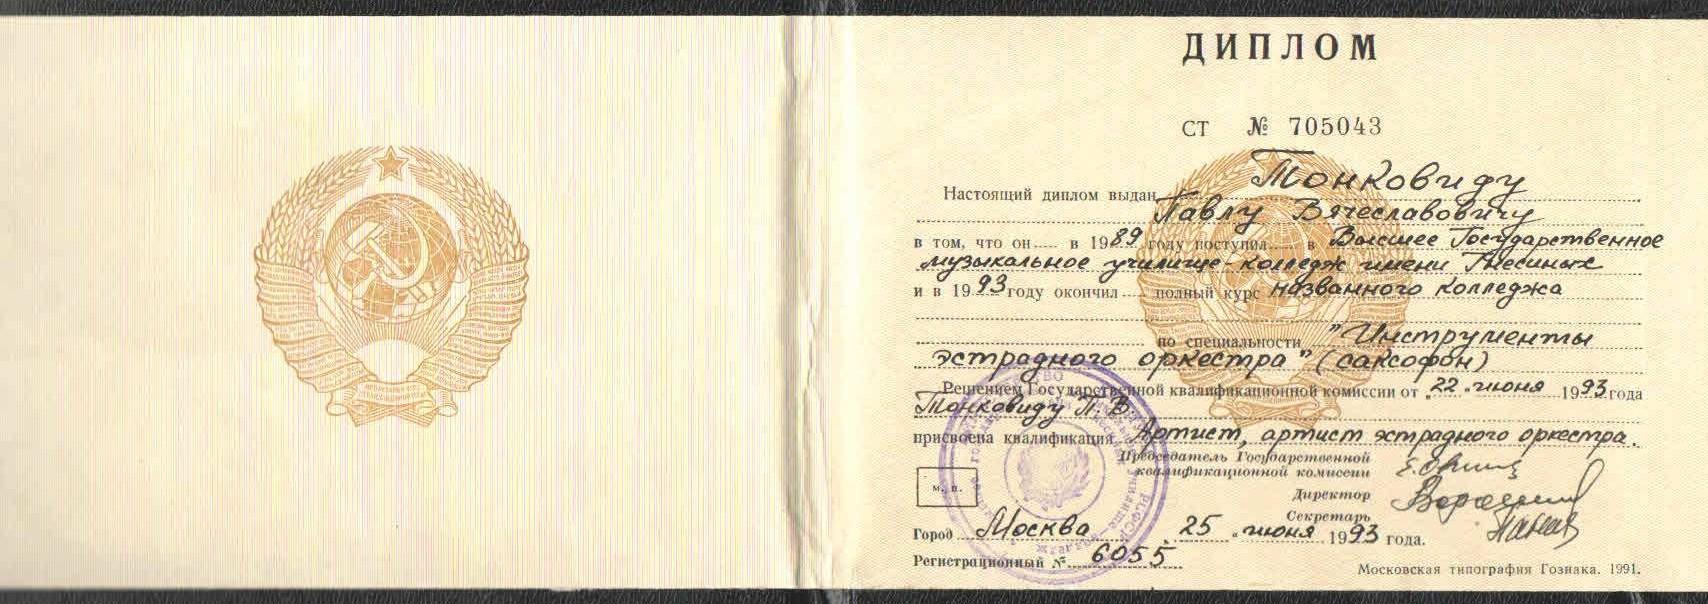 Диплом училища им. Гнессиных